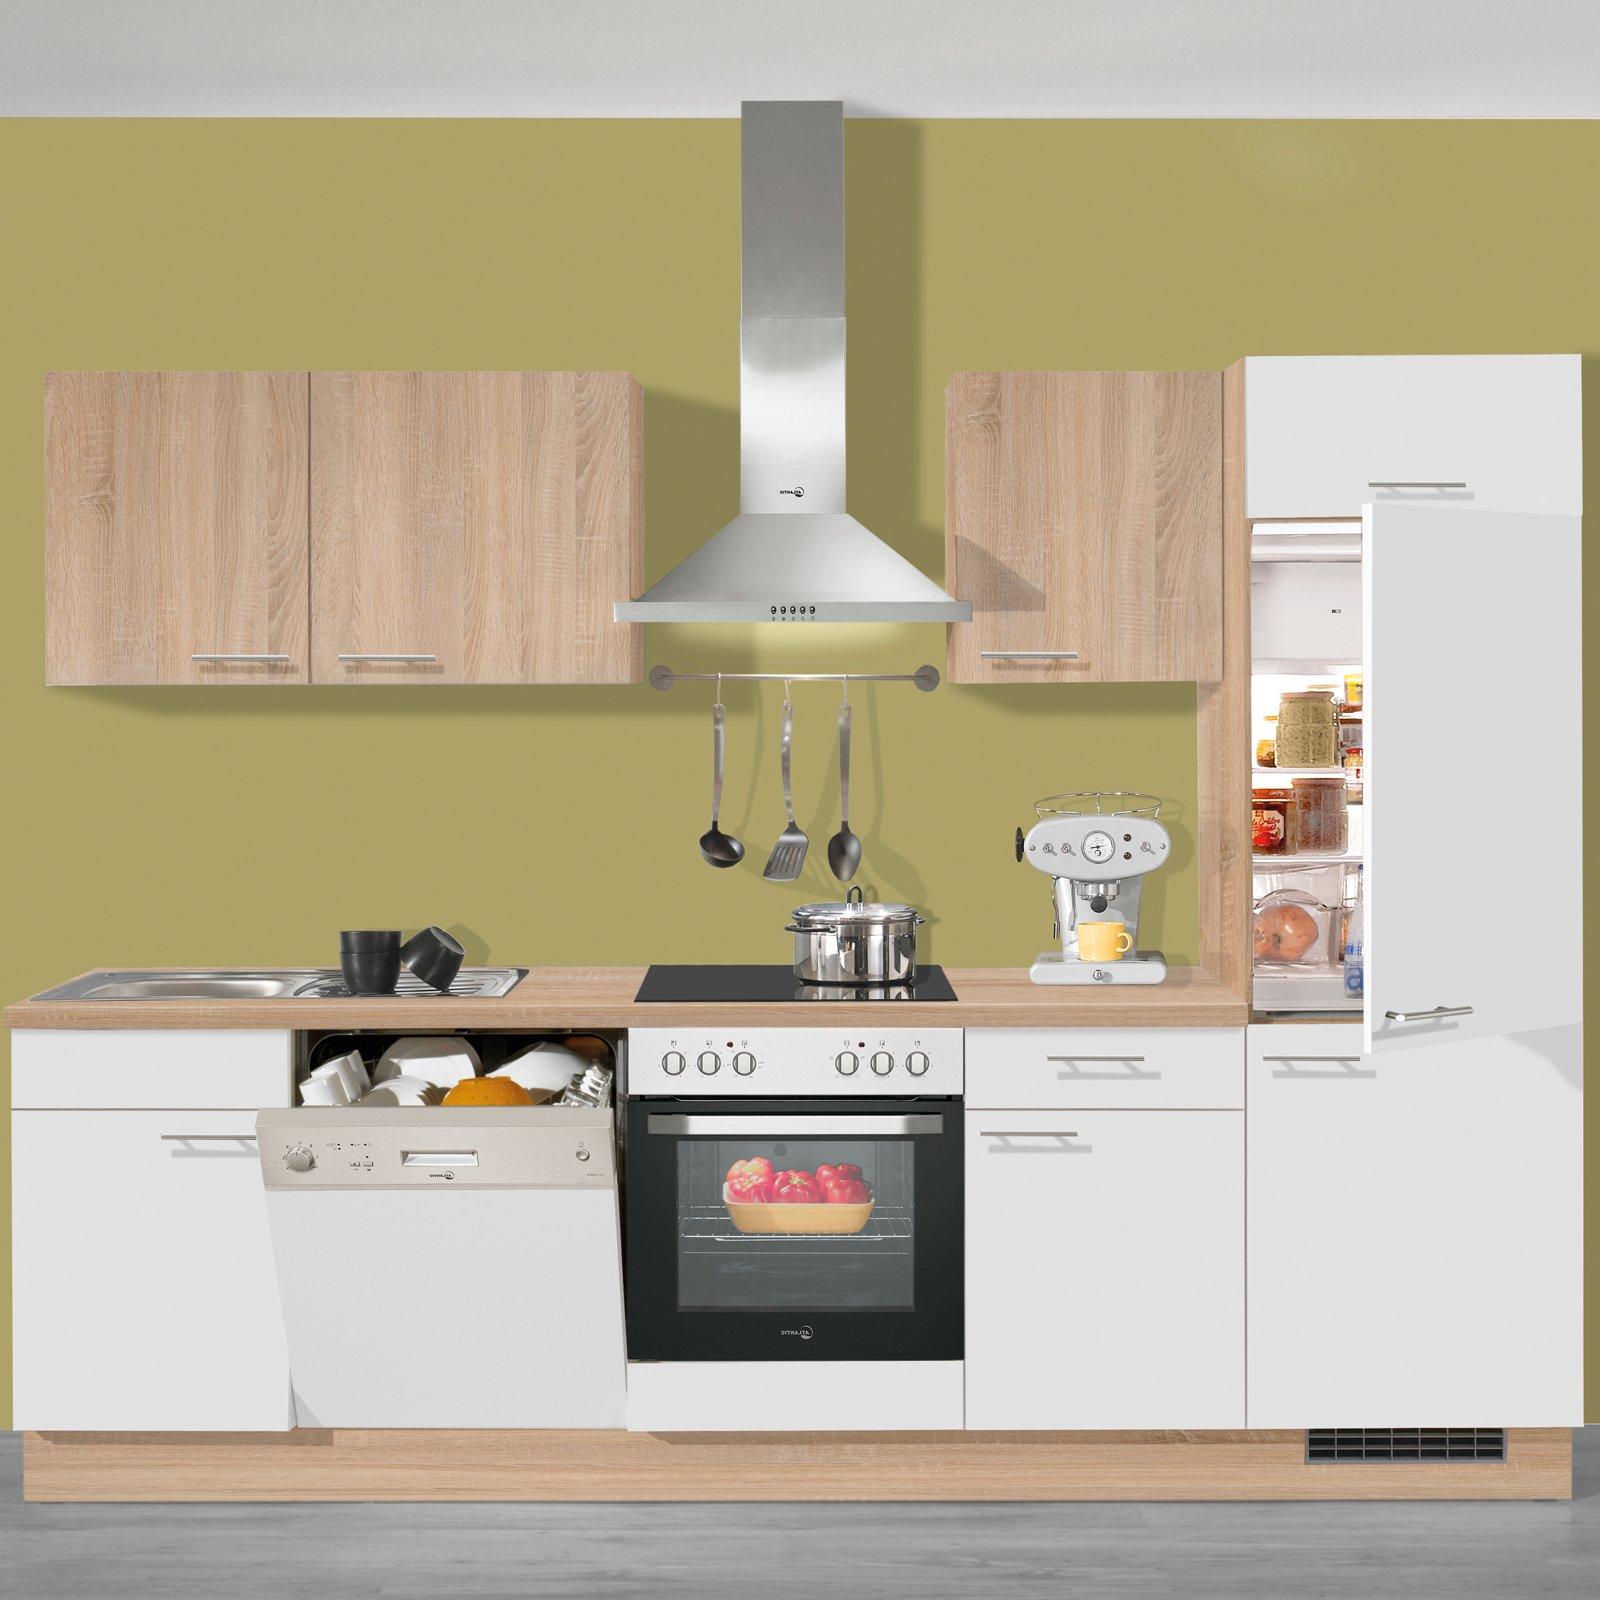 Full Size of Unterschränke Küche 50 Cm Tief Unterschränke Küche Gebraucht Unterschränke Küche Günstig Sockelblende Für Unterschränke Küche Küche Unterschränke Küche